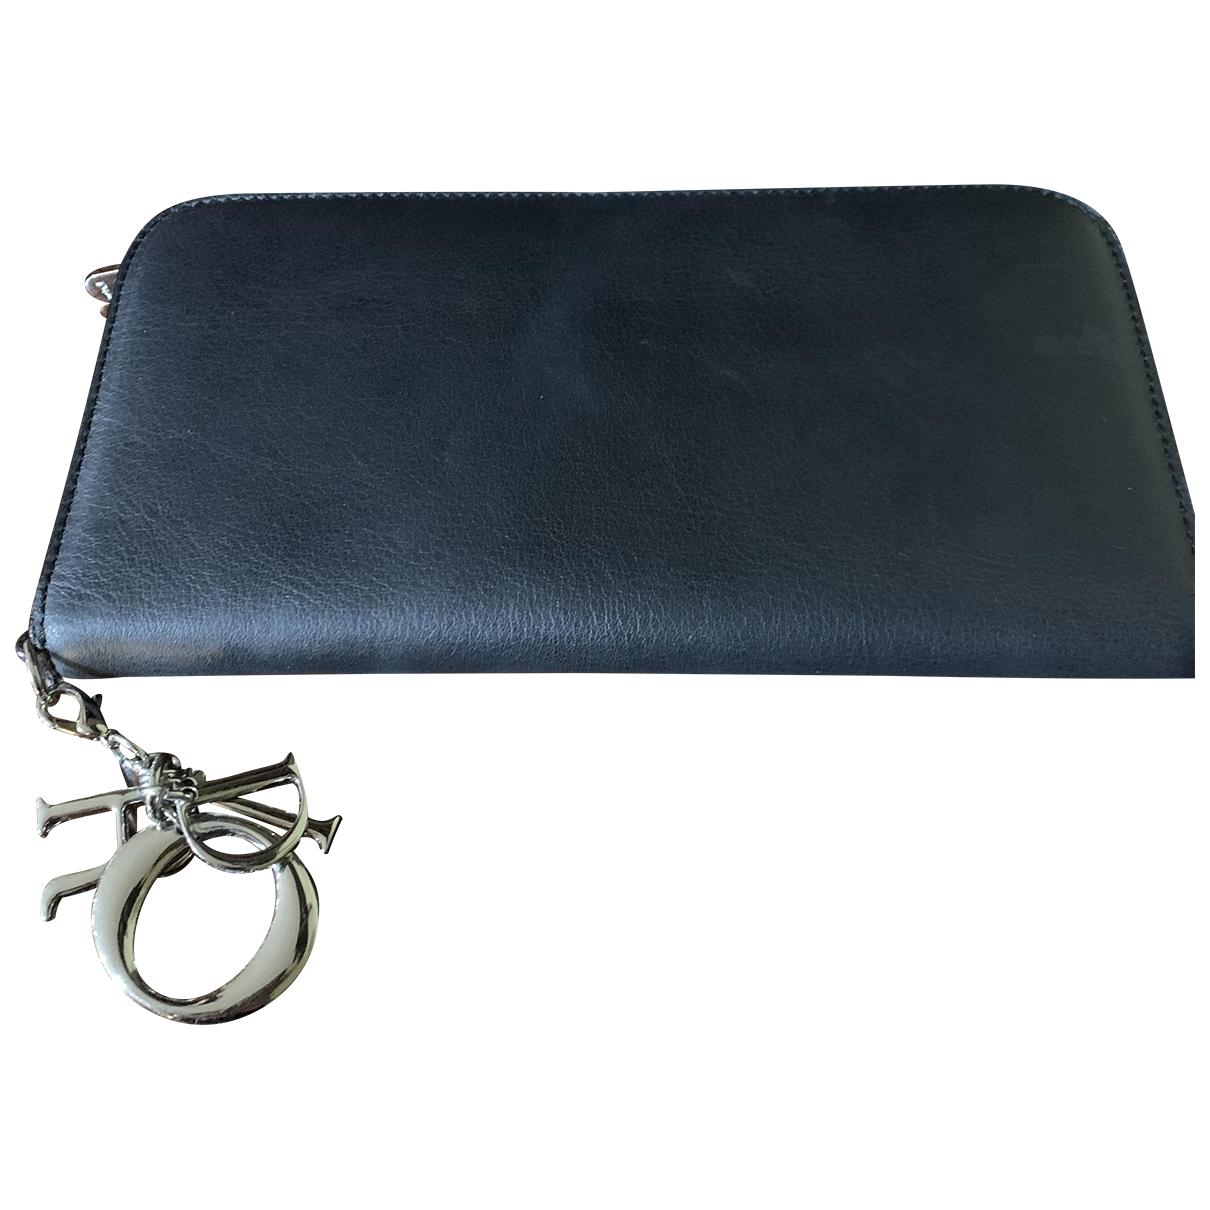 Dior Lady Dior Portemonnaie in  Schwarz Leder